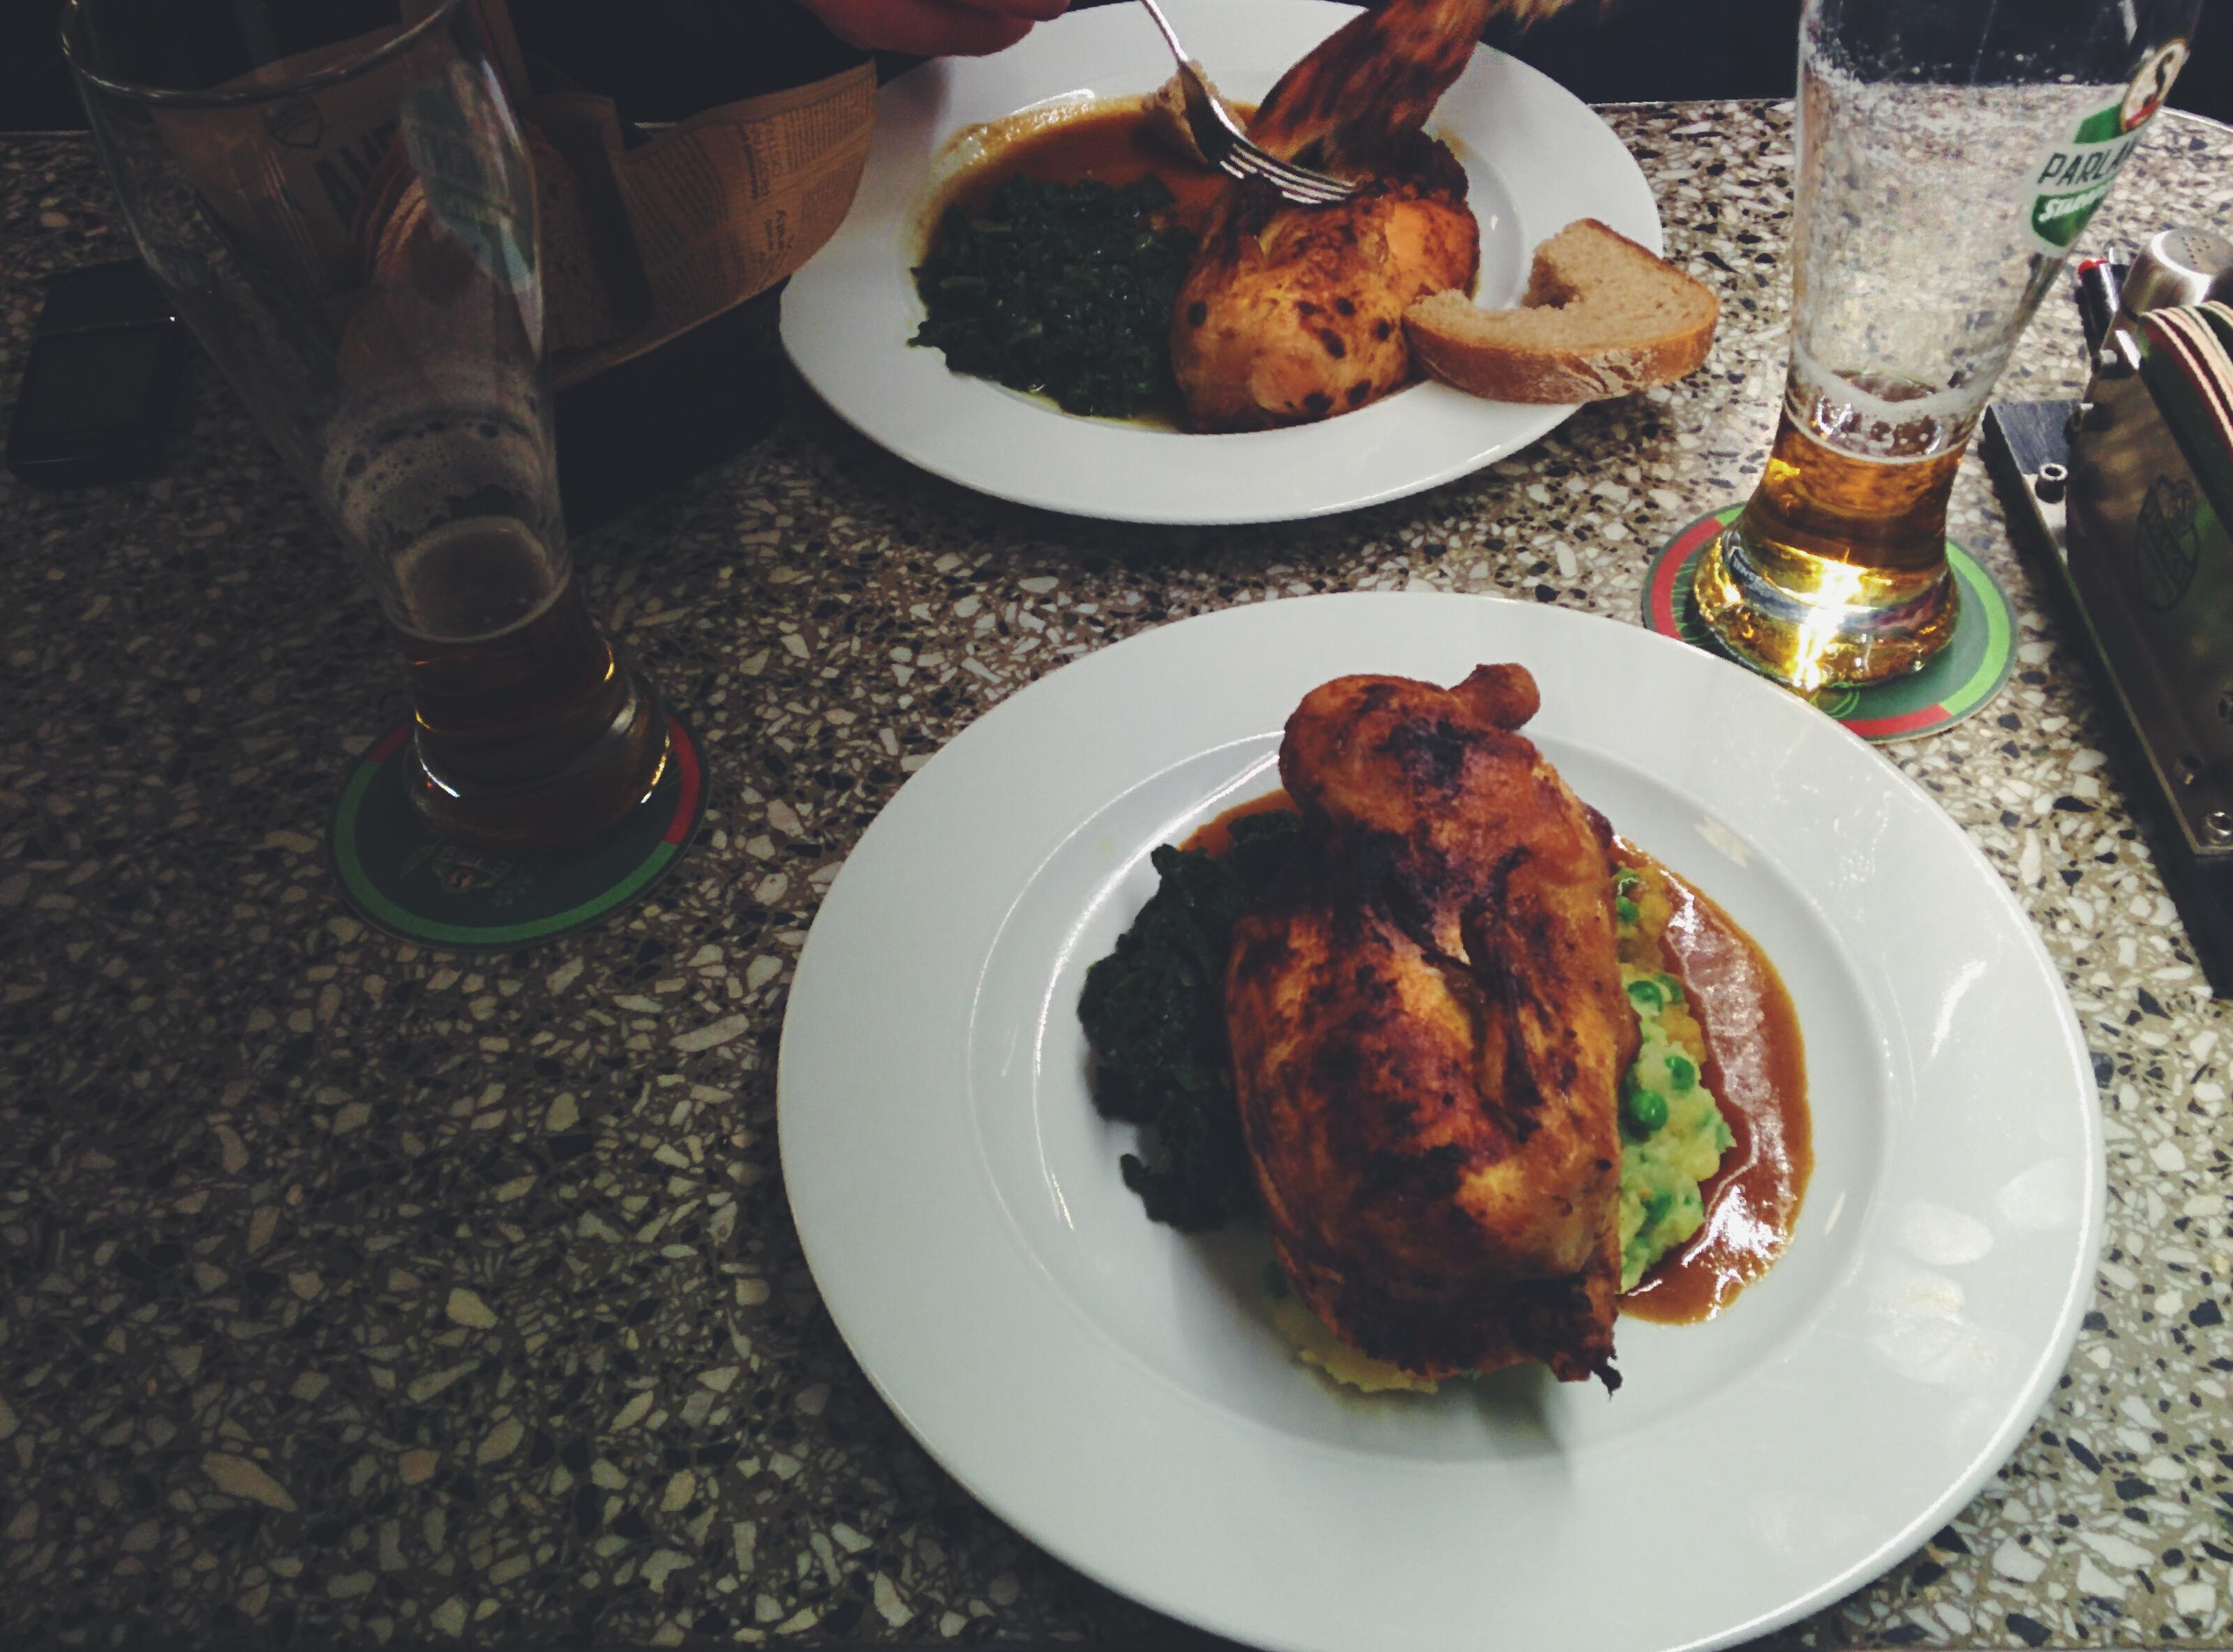 Half of a chicken in a restaurant